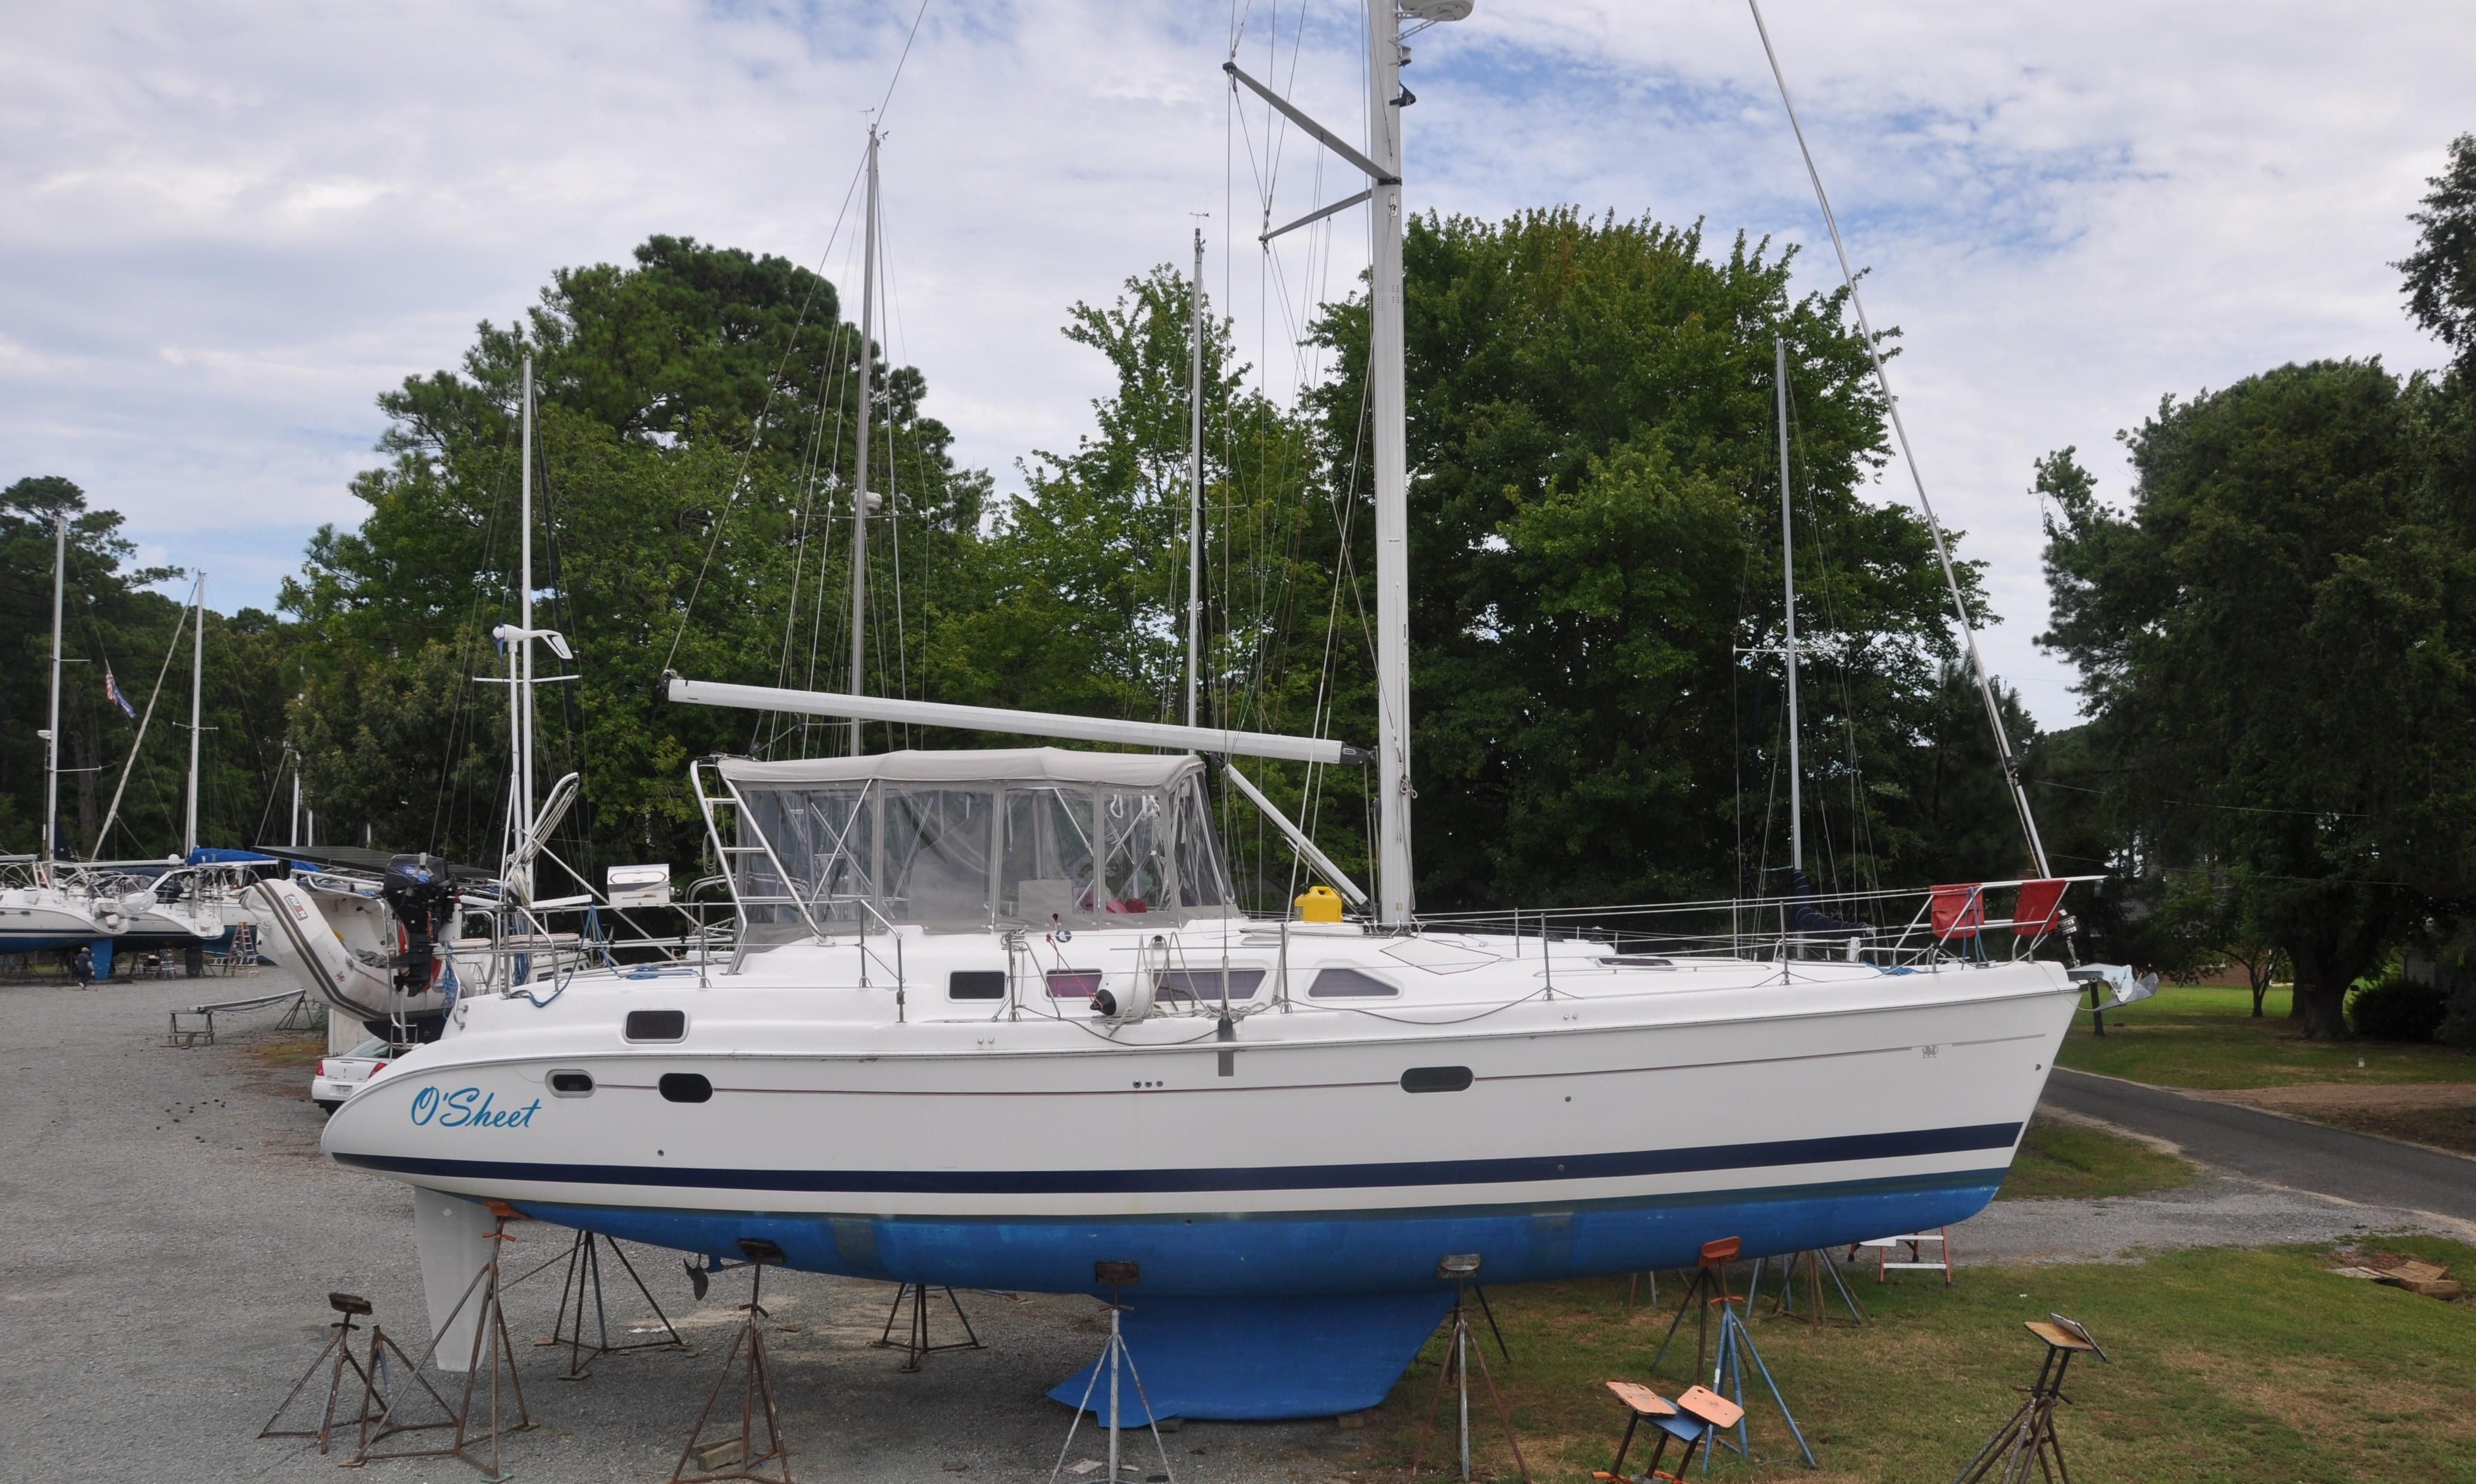 2004 Hunter 456 CC Cruiser for sale - YachtWorld